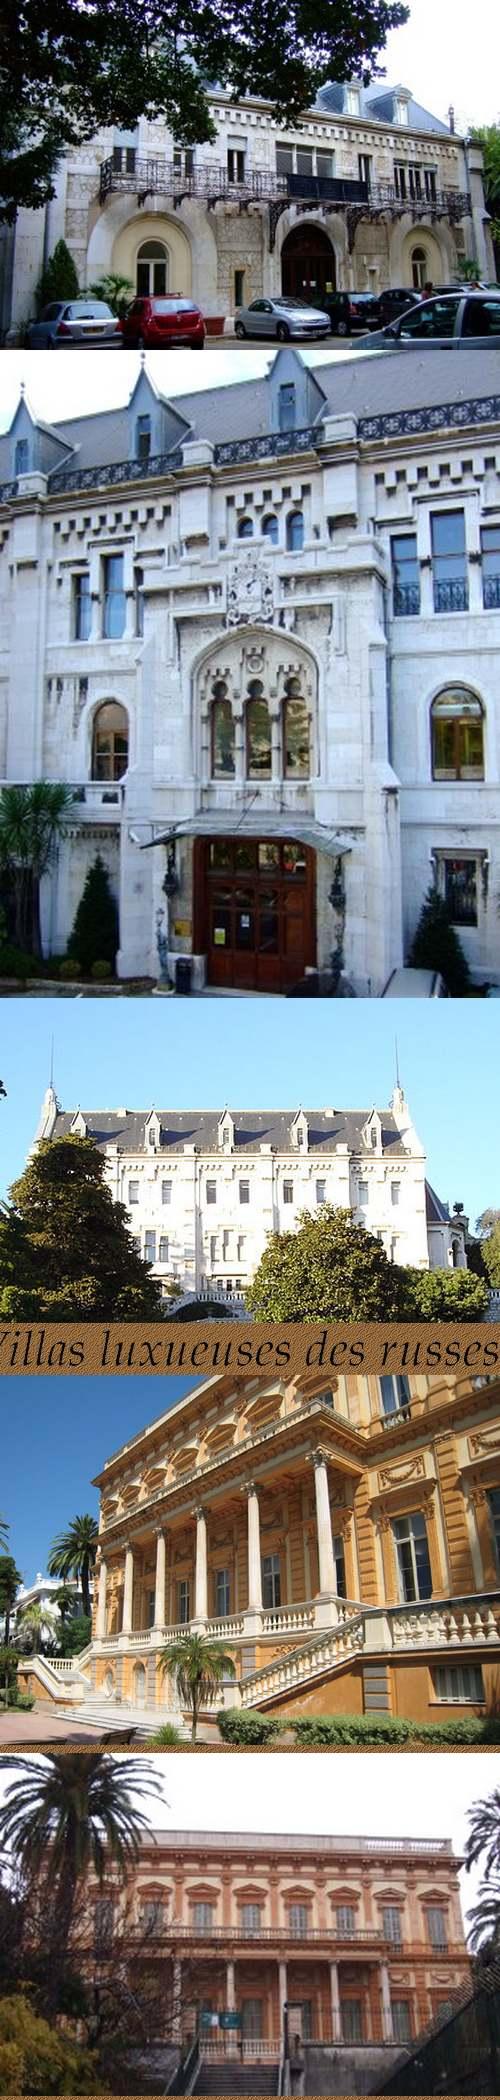 COTE D'AZUR : Histoire - Le nouveau paradis du tourisme.